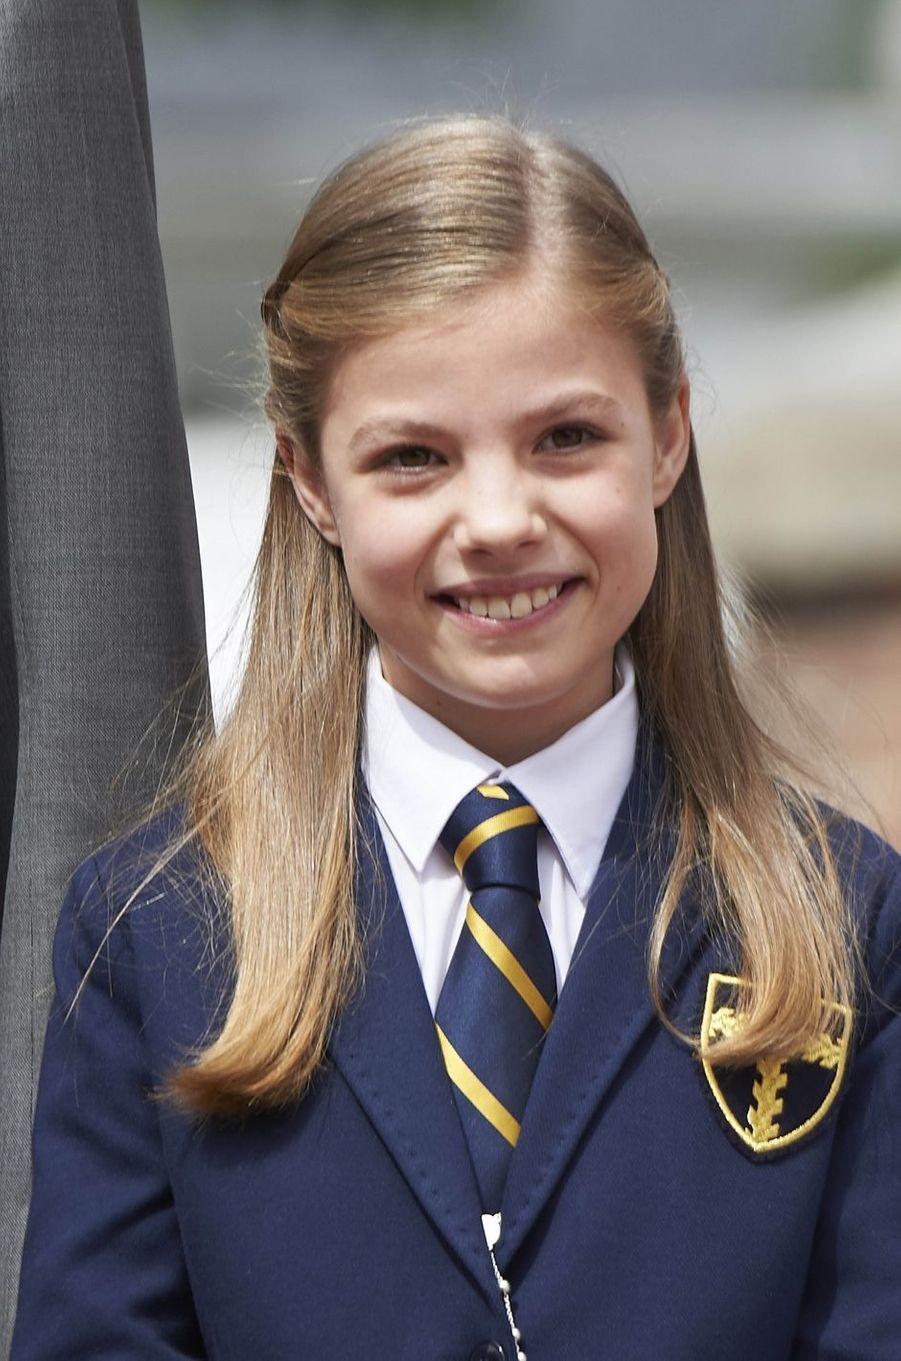 La princesse Sofia d'Espagne à Madrid, le 17 mai 2017